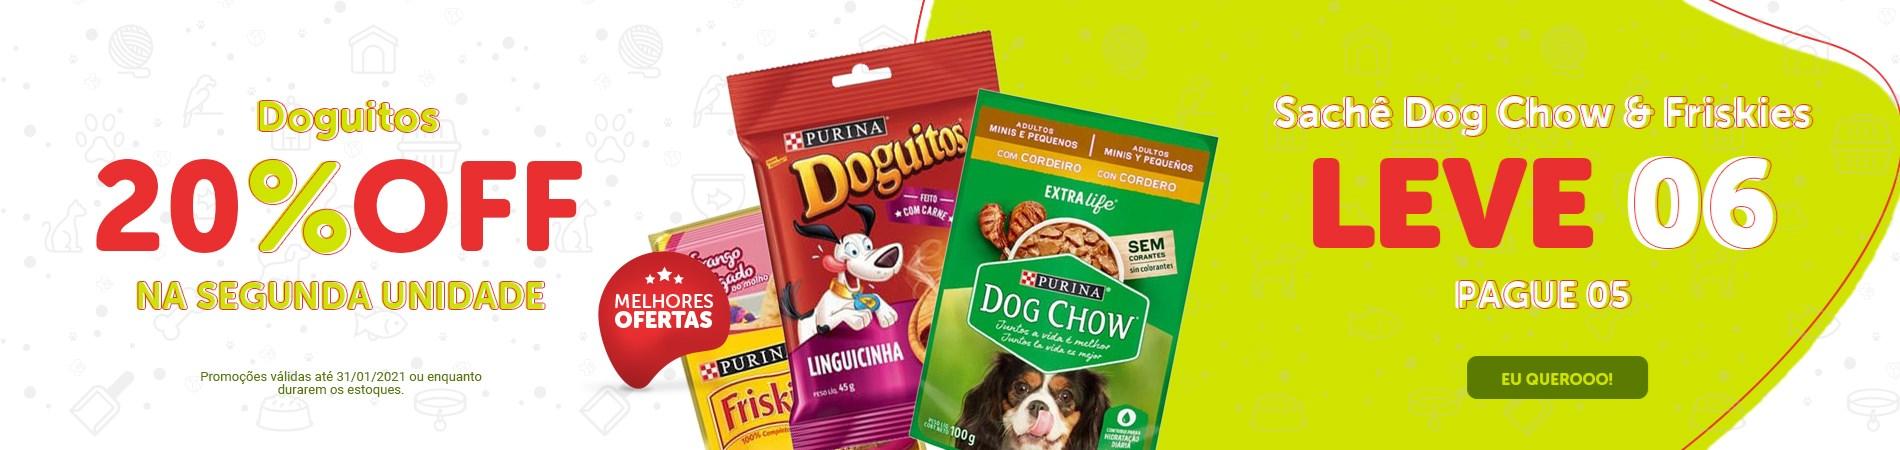 Promoção Doguitos, Dog Chow e Friskies